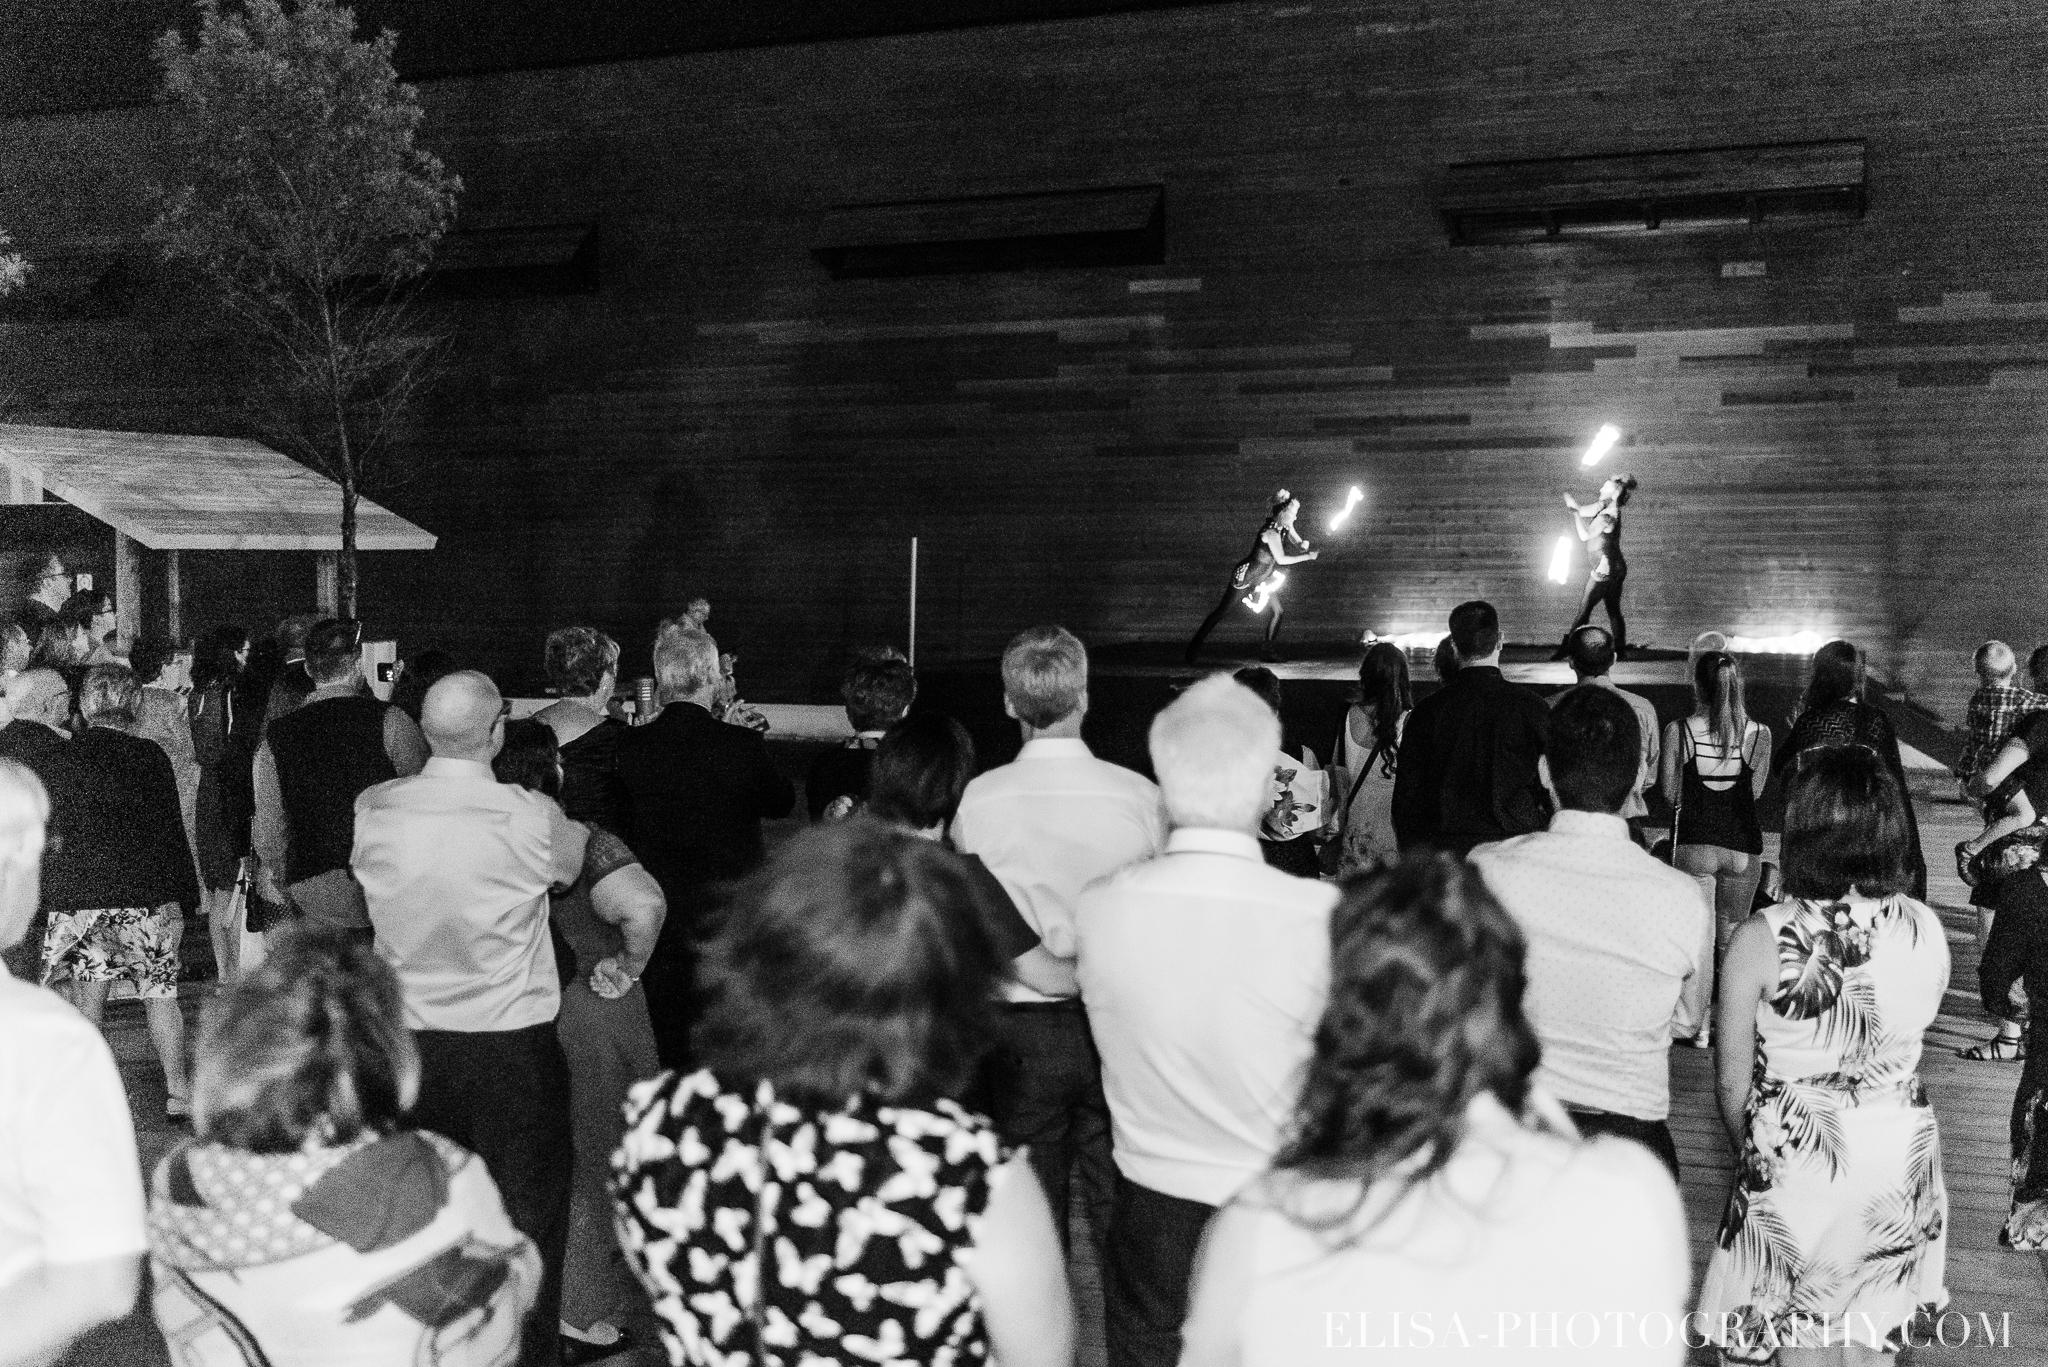 photo mariage quebec baie beauport reception fete danse des maries jeux soulier 9055 - Mariage à la plage de la baie de Beauport